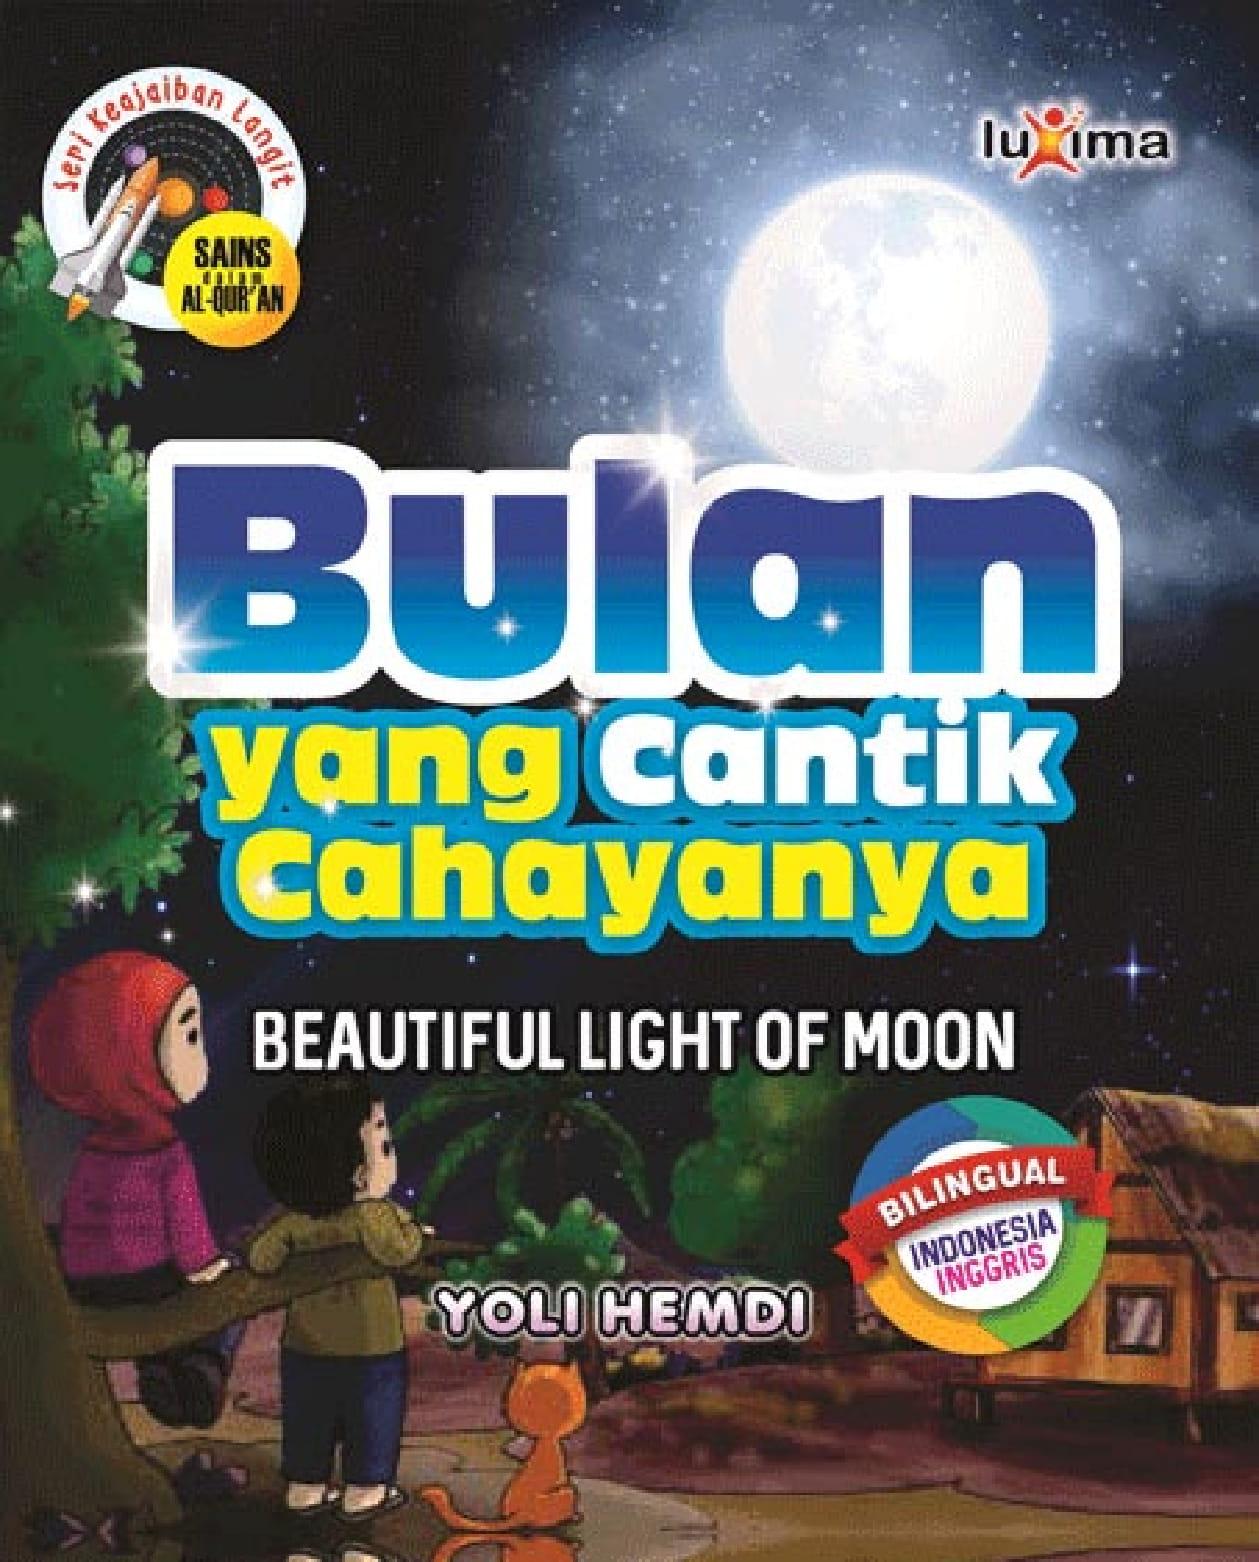 Bulan yang cantik cahayanya [sumber elektronis] = beautiful light of moon